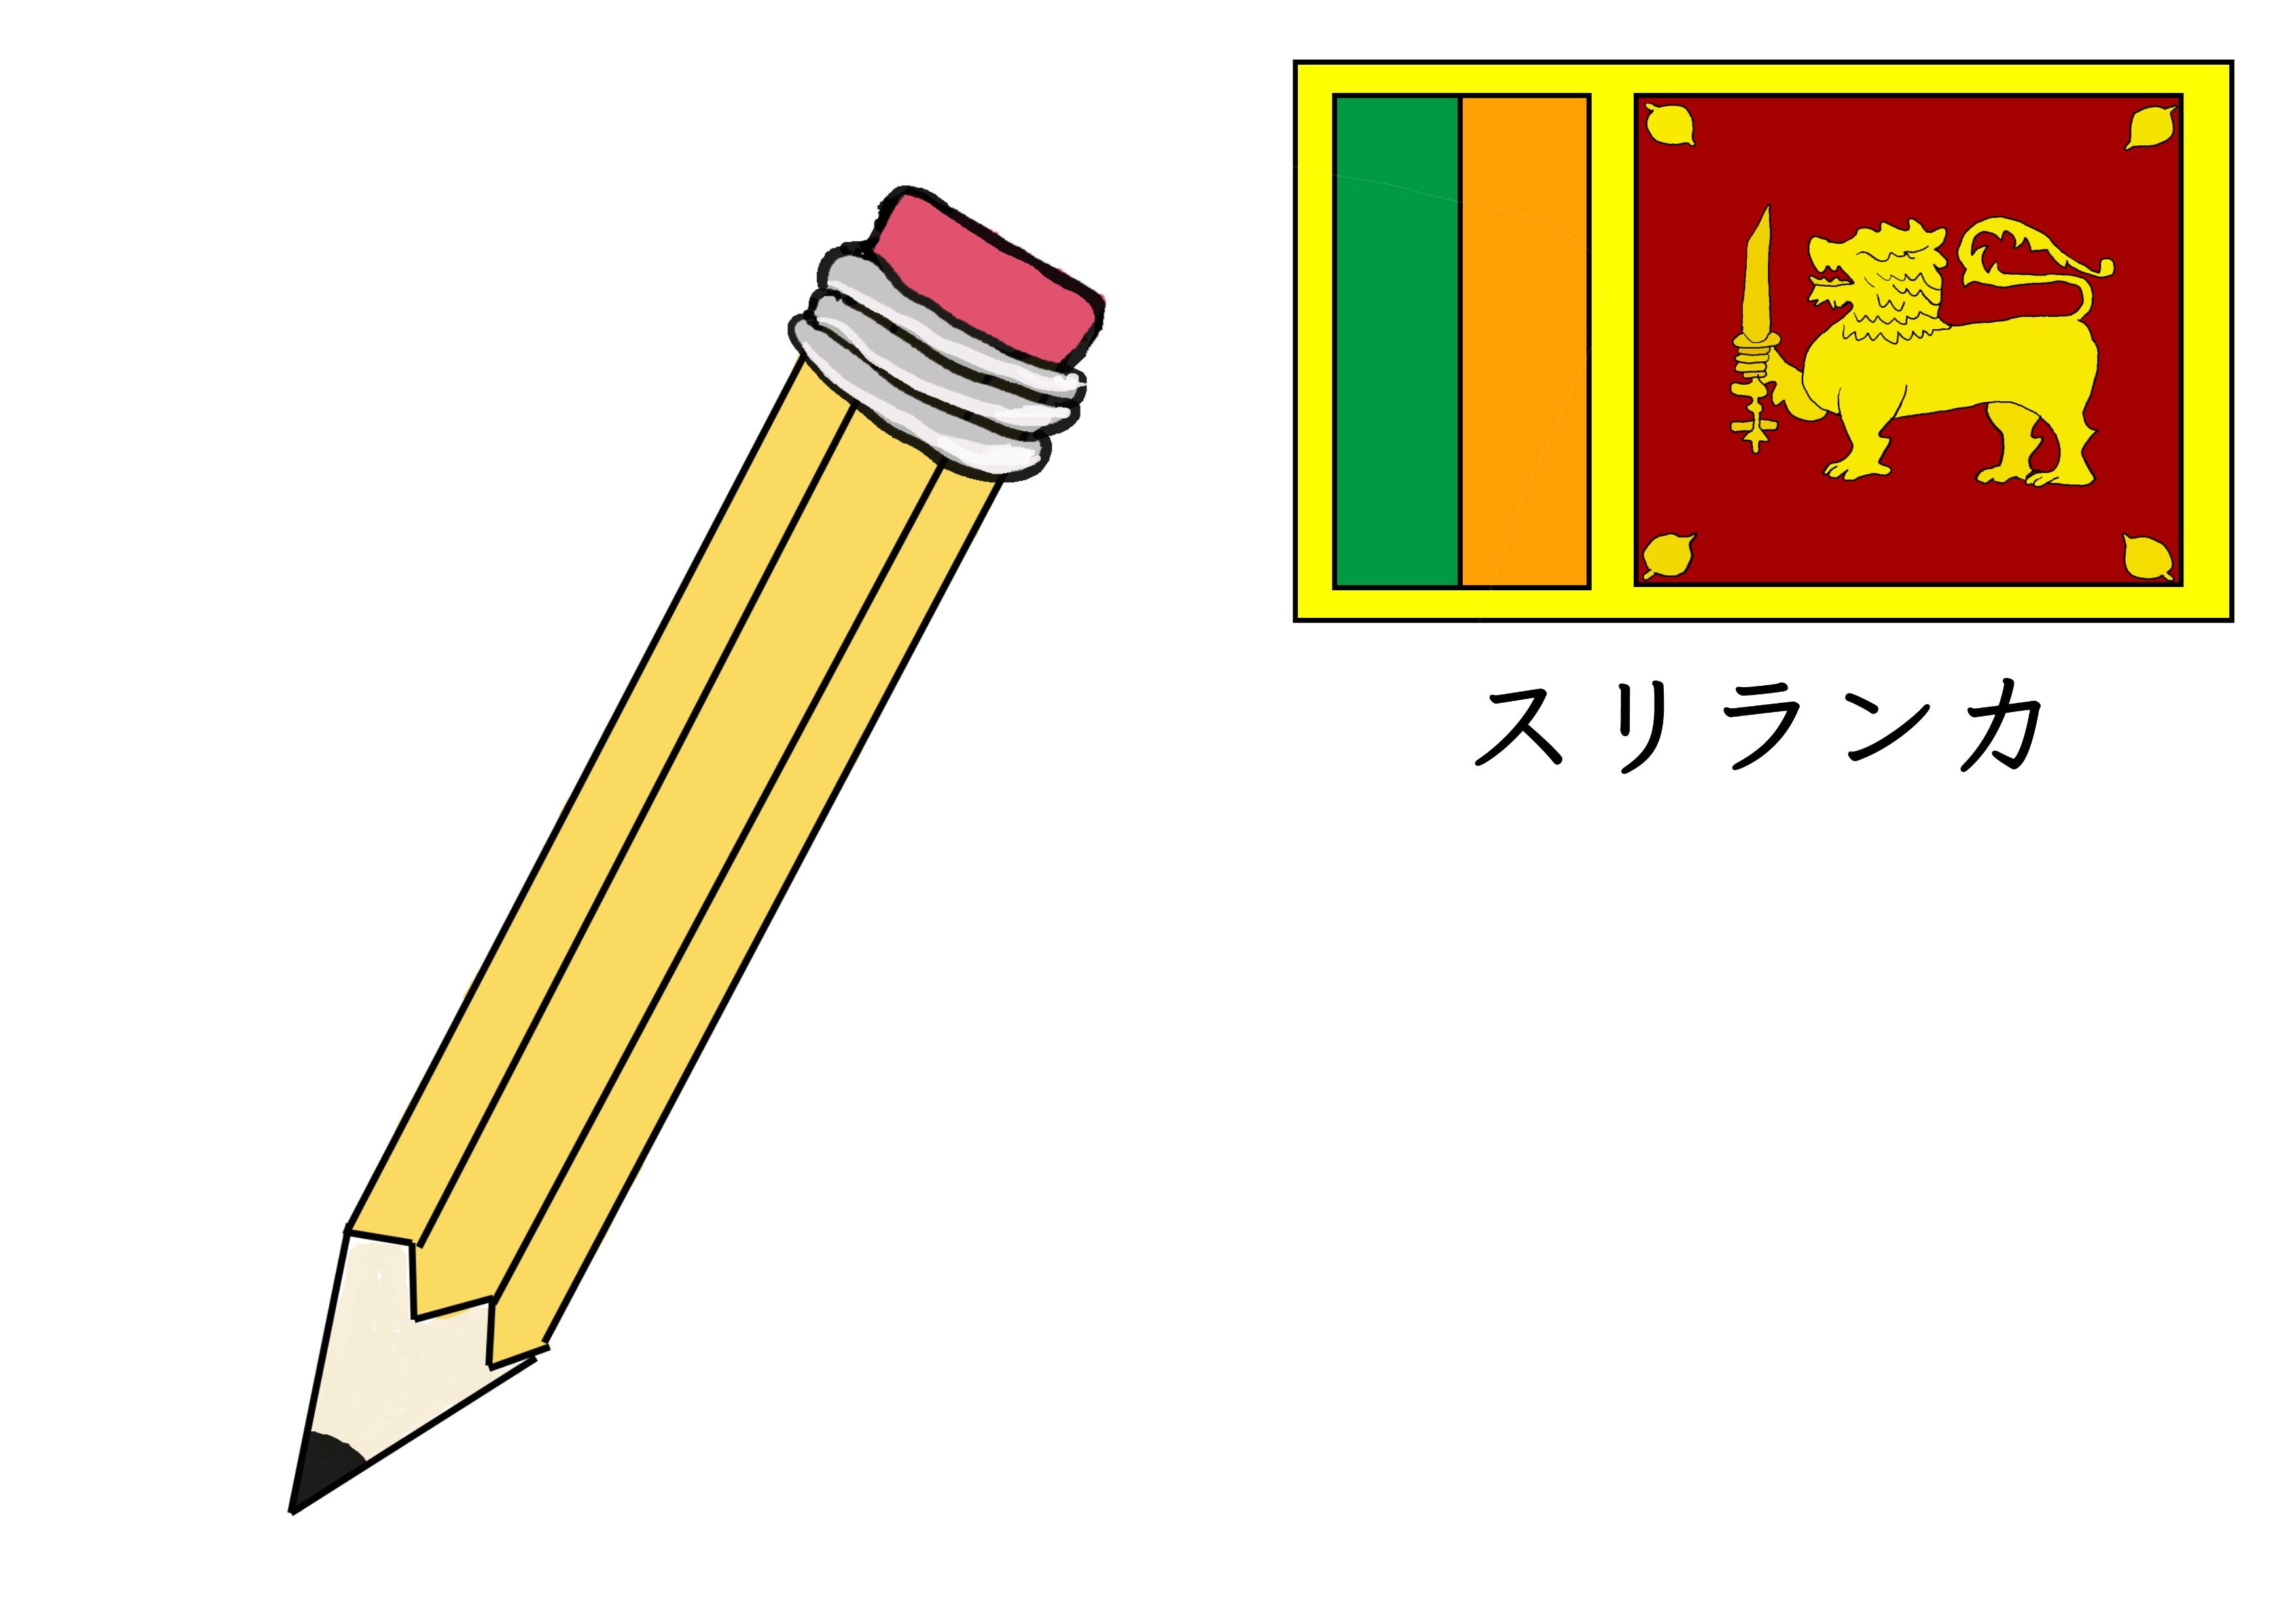 3課イラスト【スリランカのえんぴつ】